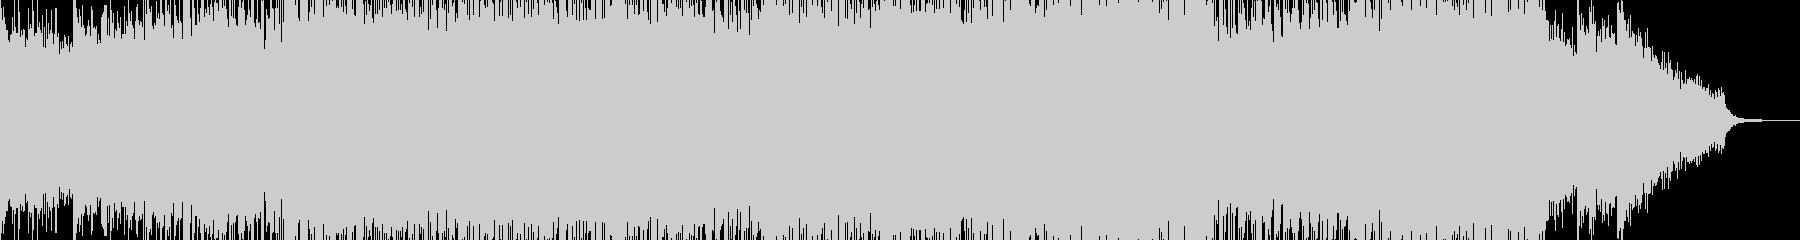 ストリングス・幕開け盛大な作品に 短尺の未再生の波形